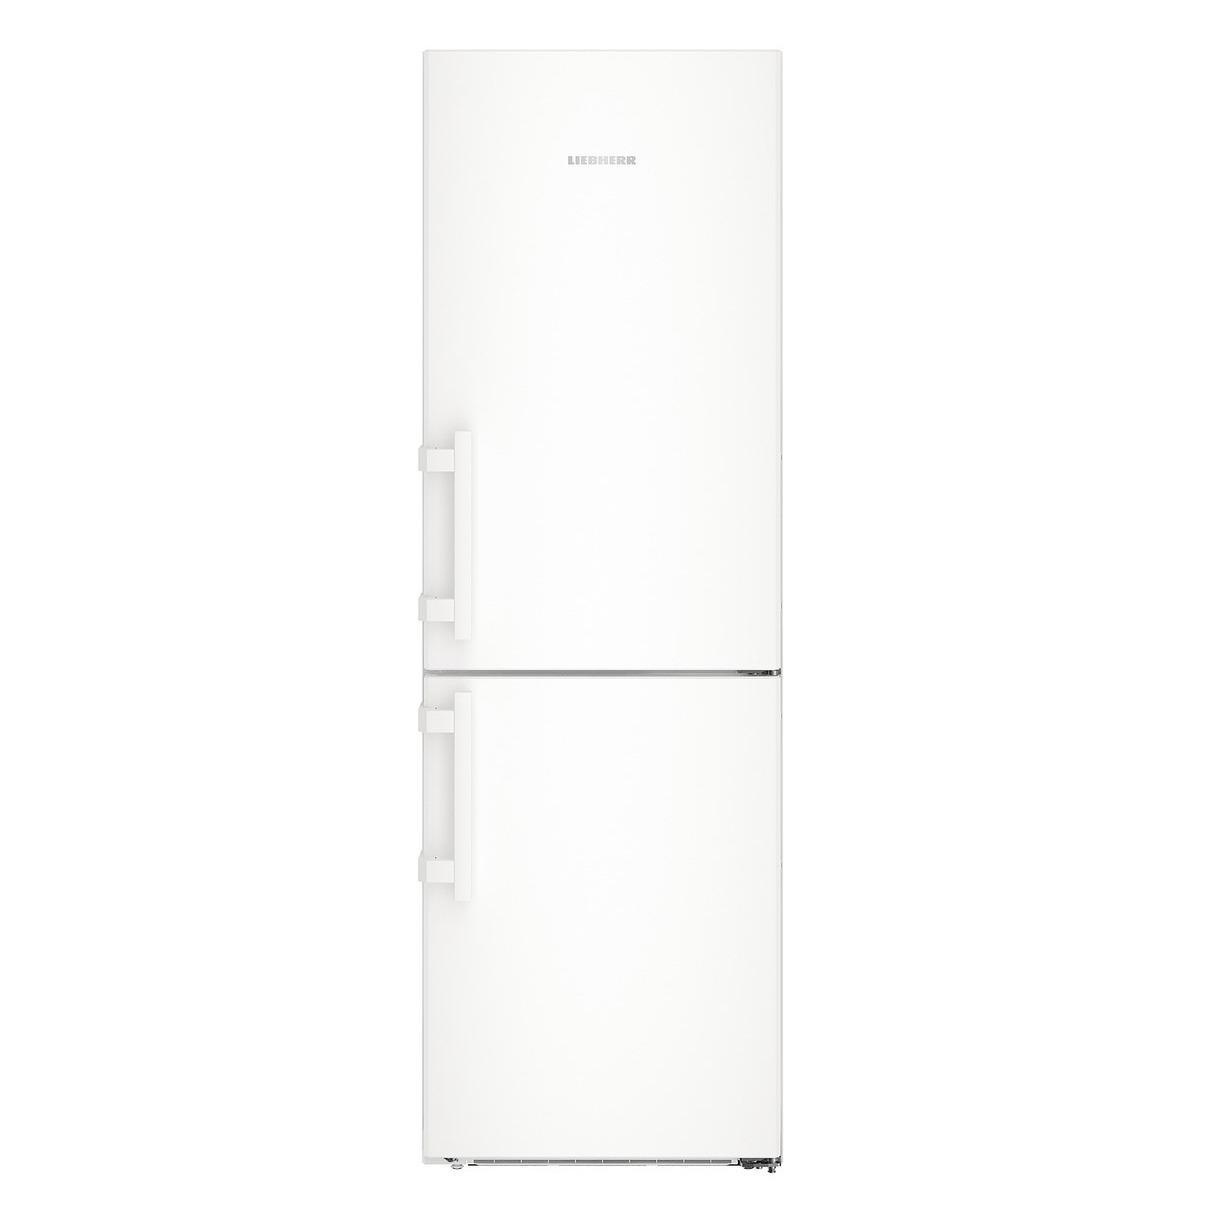 Liebherr koelkast met vriesvak CN 4315-20 - Prijsvergelijk